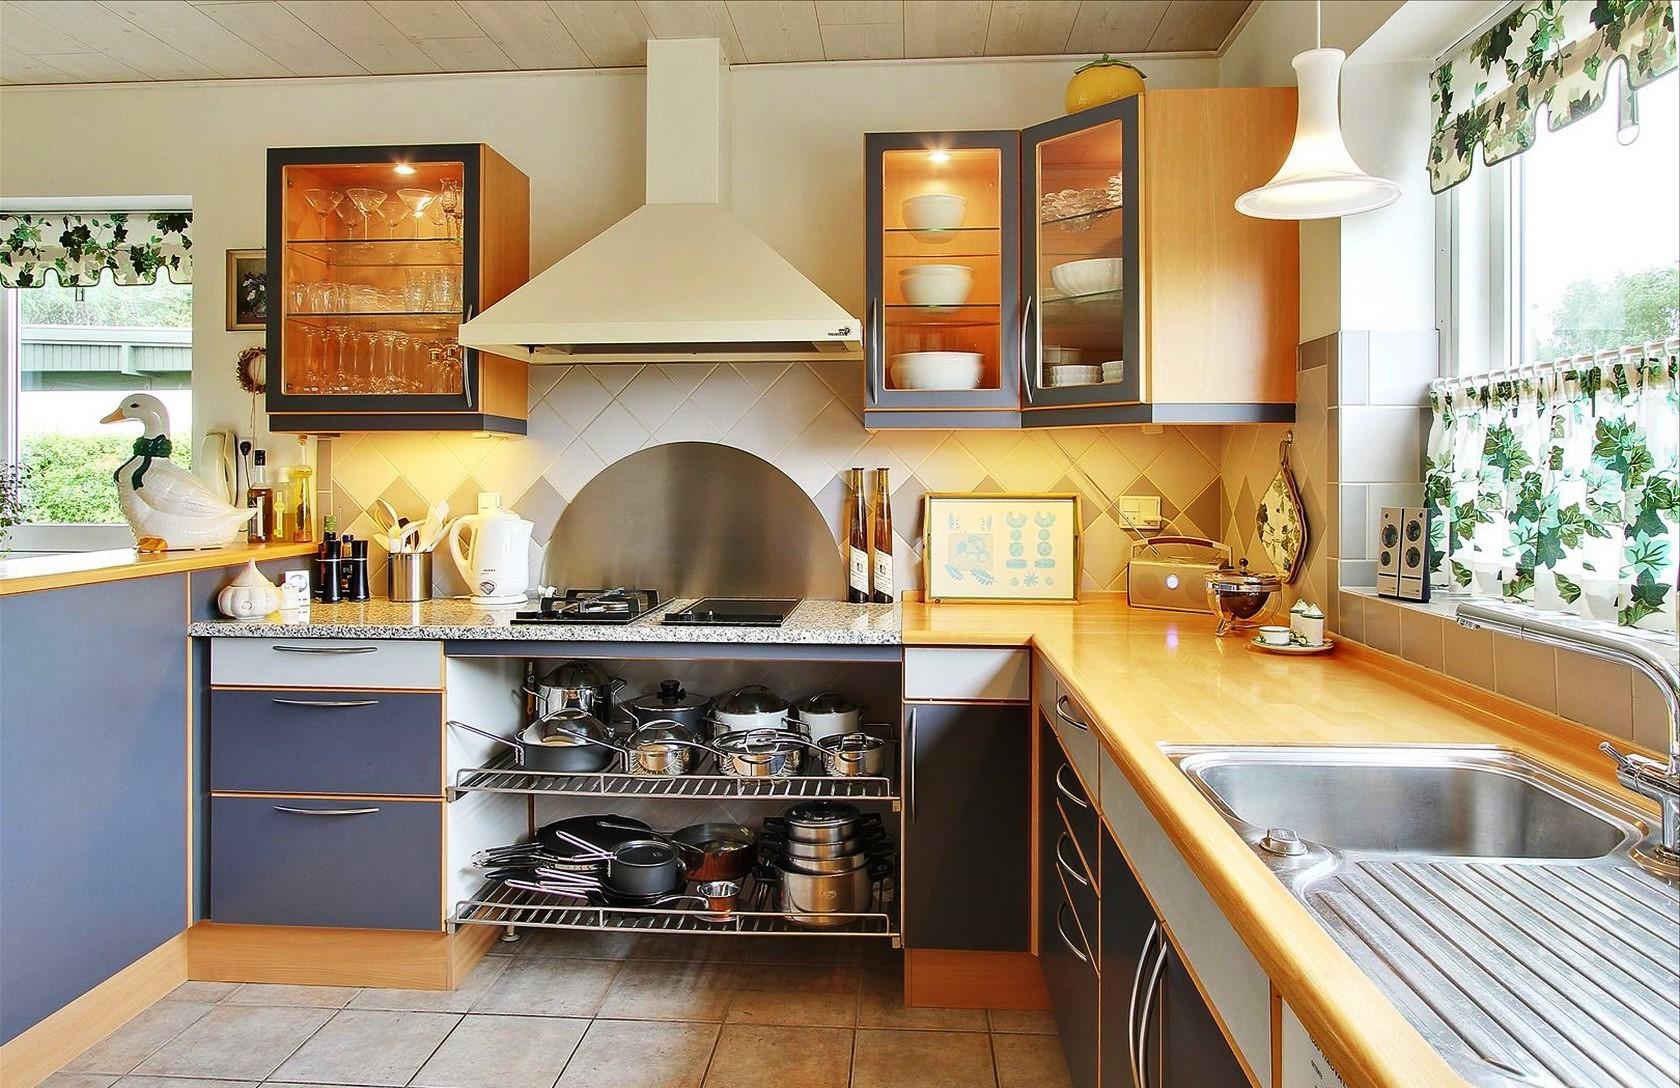 Кухня по фэншуй, как правильно?